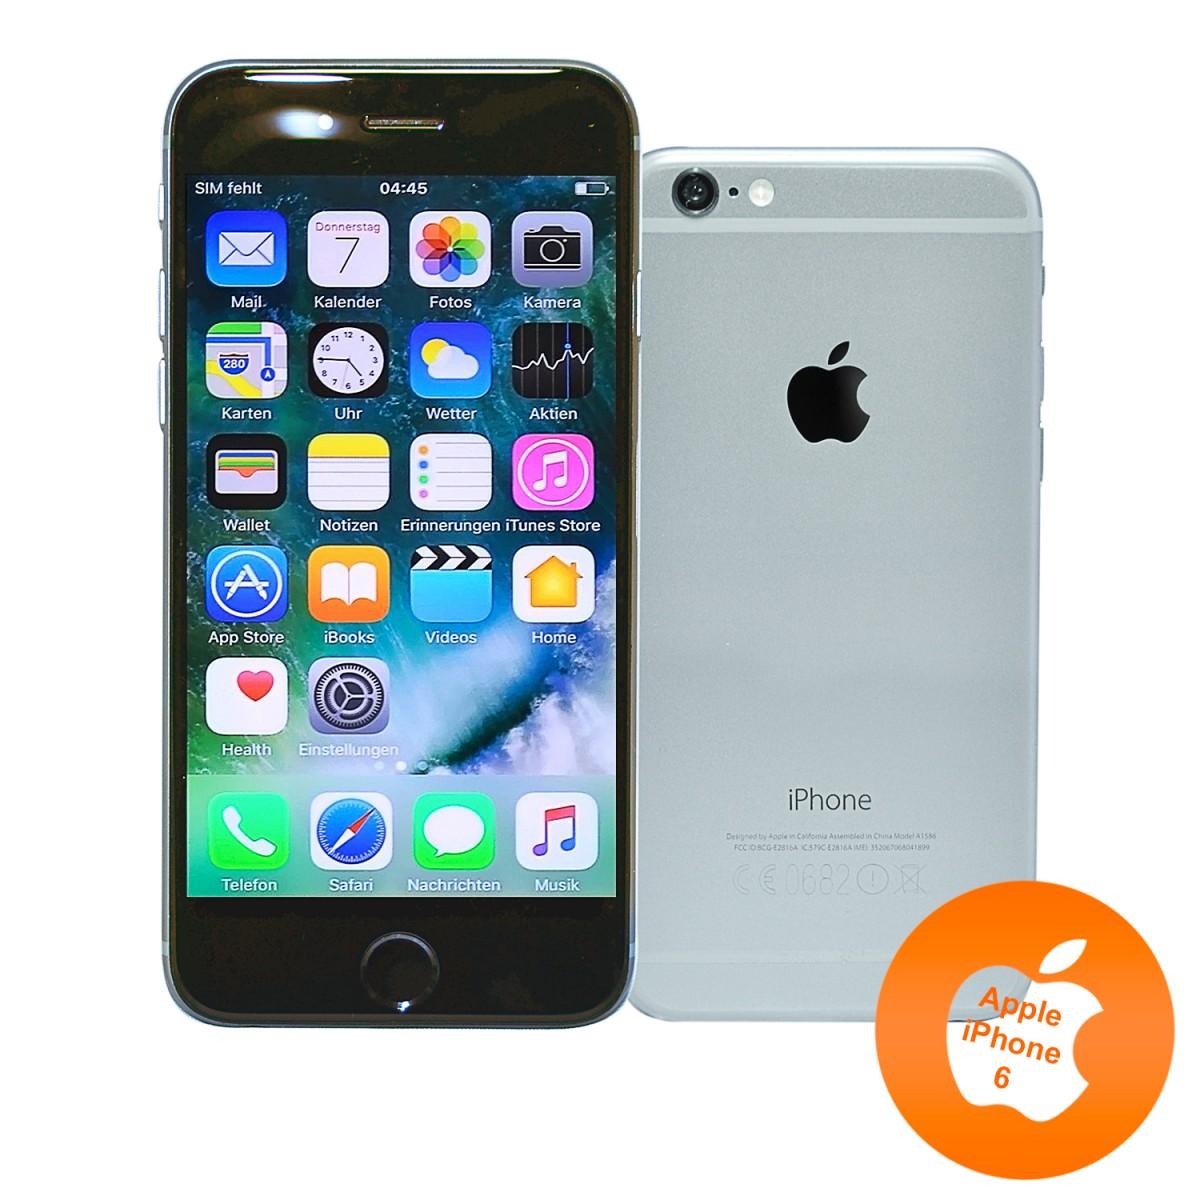 iphone 6 gebraucht 16gb preis